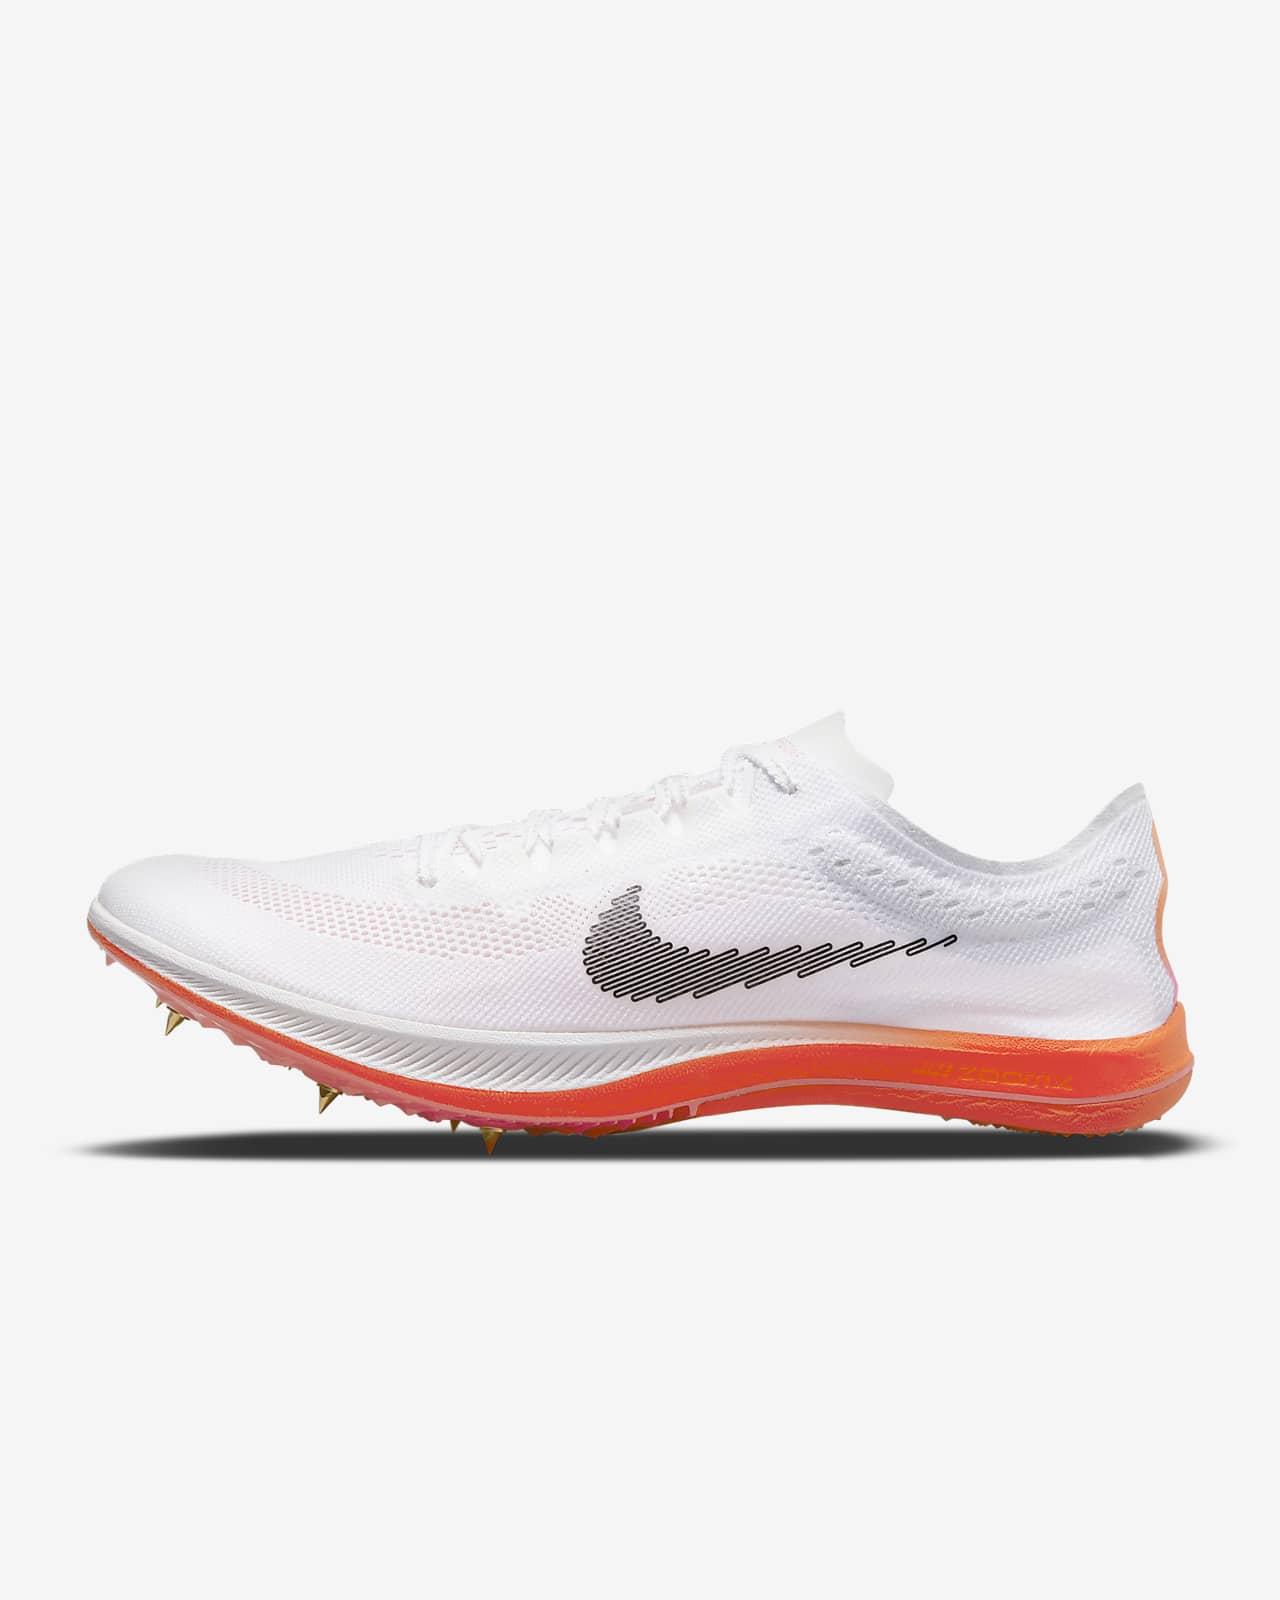 Nike ZoomX Dragonfly Langstrecken-Leichtathletikschuh